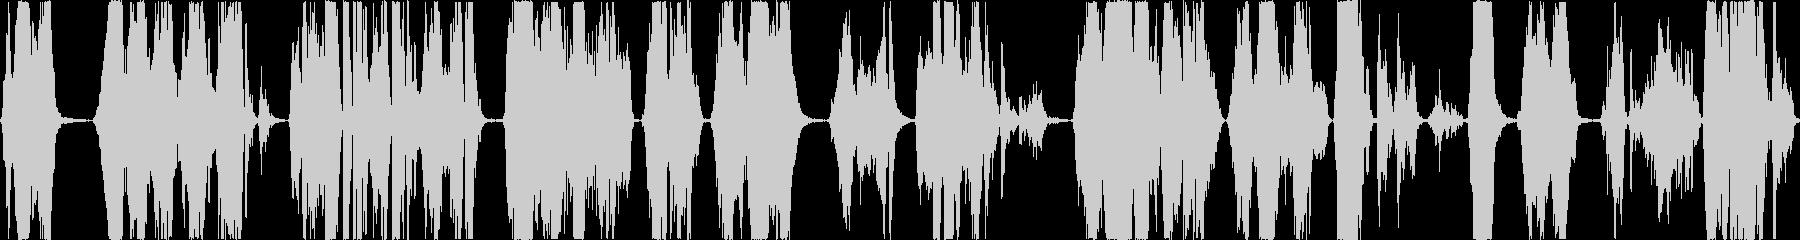 ヘビーメタルドラッグスライドとスク...の未再生の波形